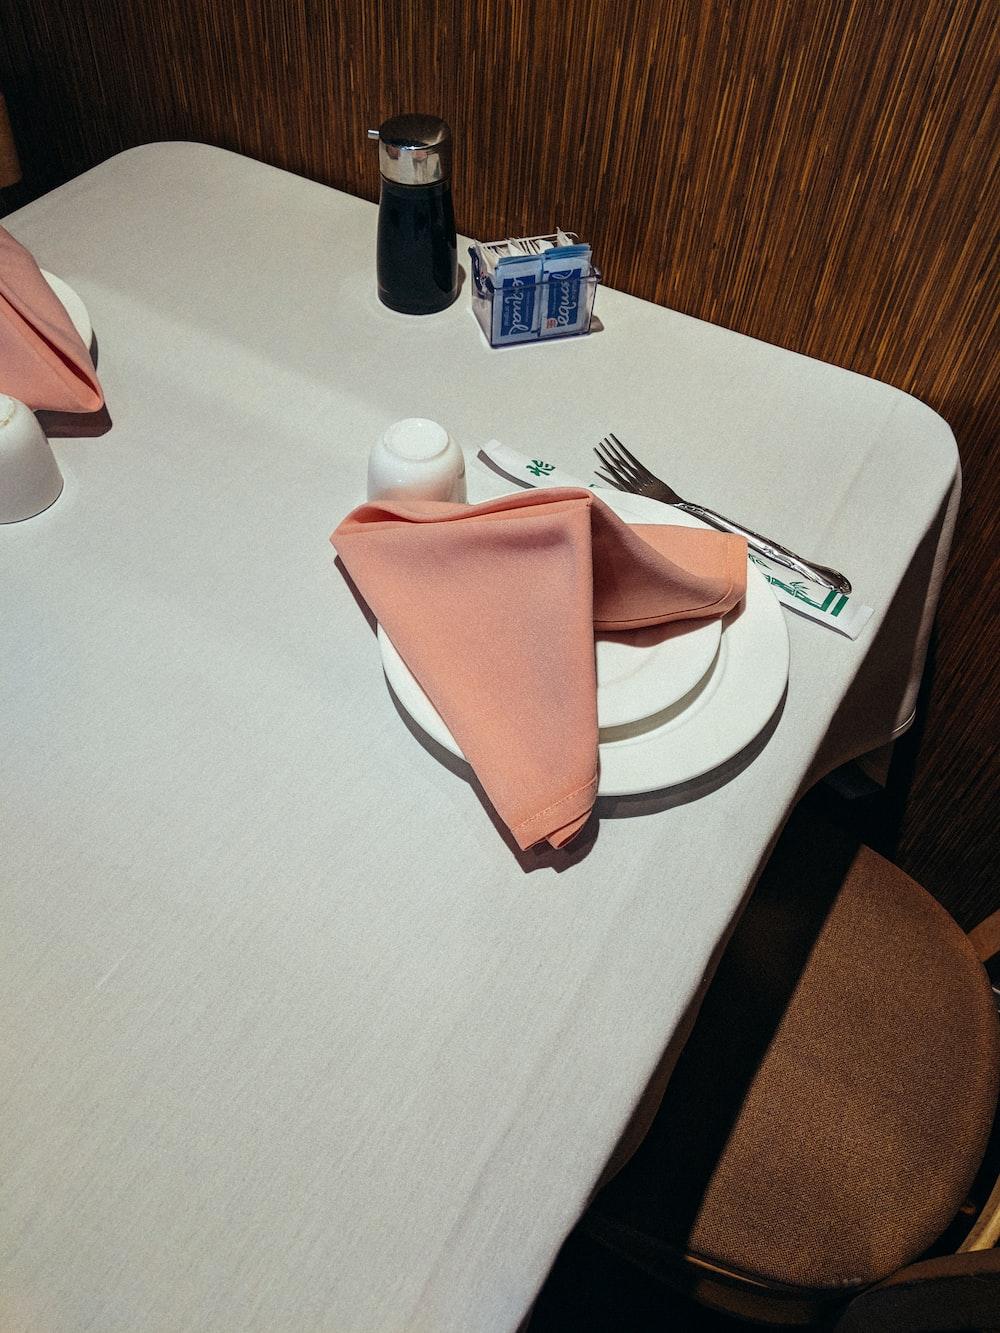 orange table napkin on plate